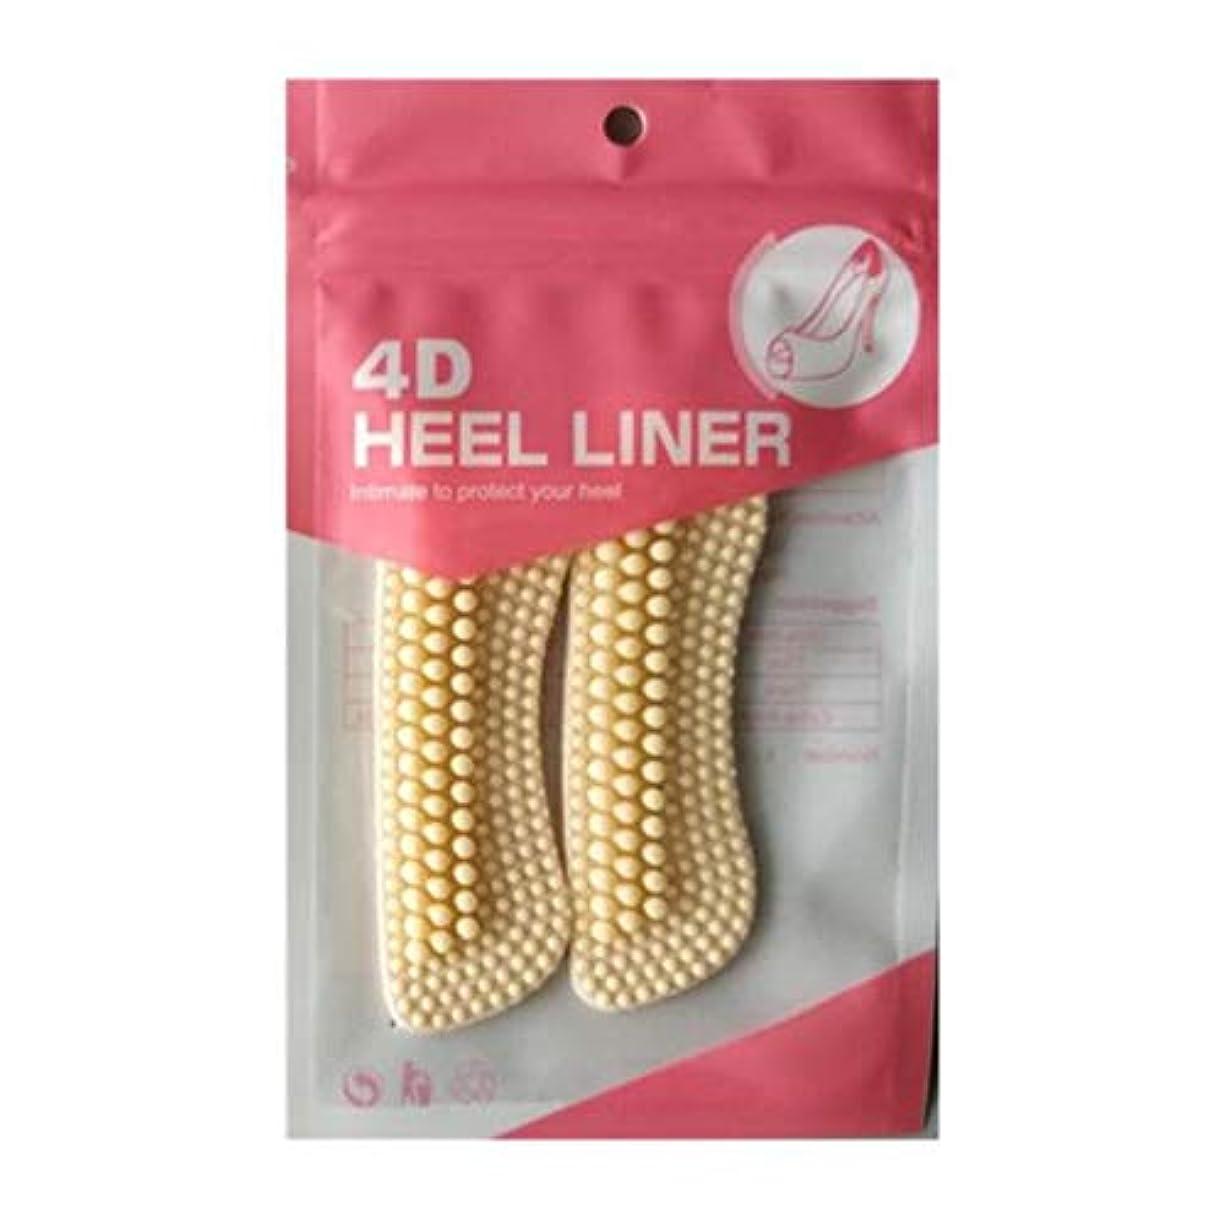 状態セクタ状HJ 靴擦れ防止 ヒールパッド かかと用 かかとテープ クッション 靴ずれ防止 かかと保護パッド ベージュ (薄いタイプ, 10足セット)